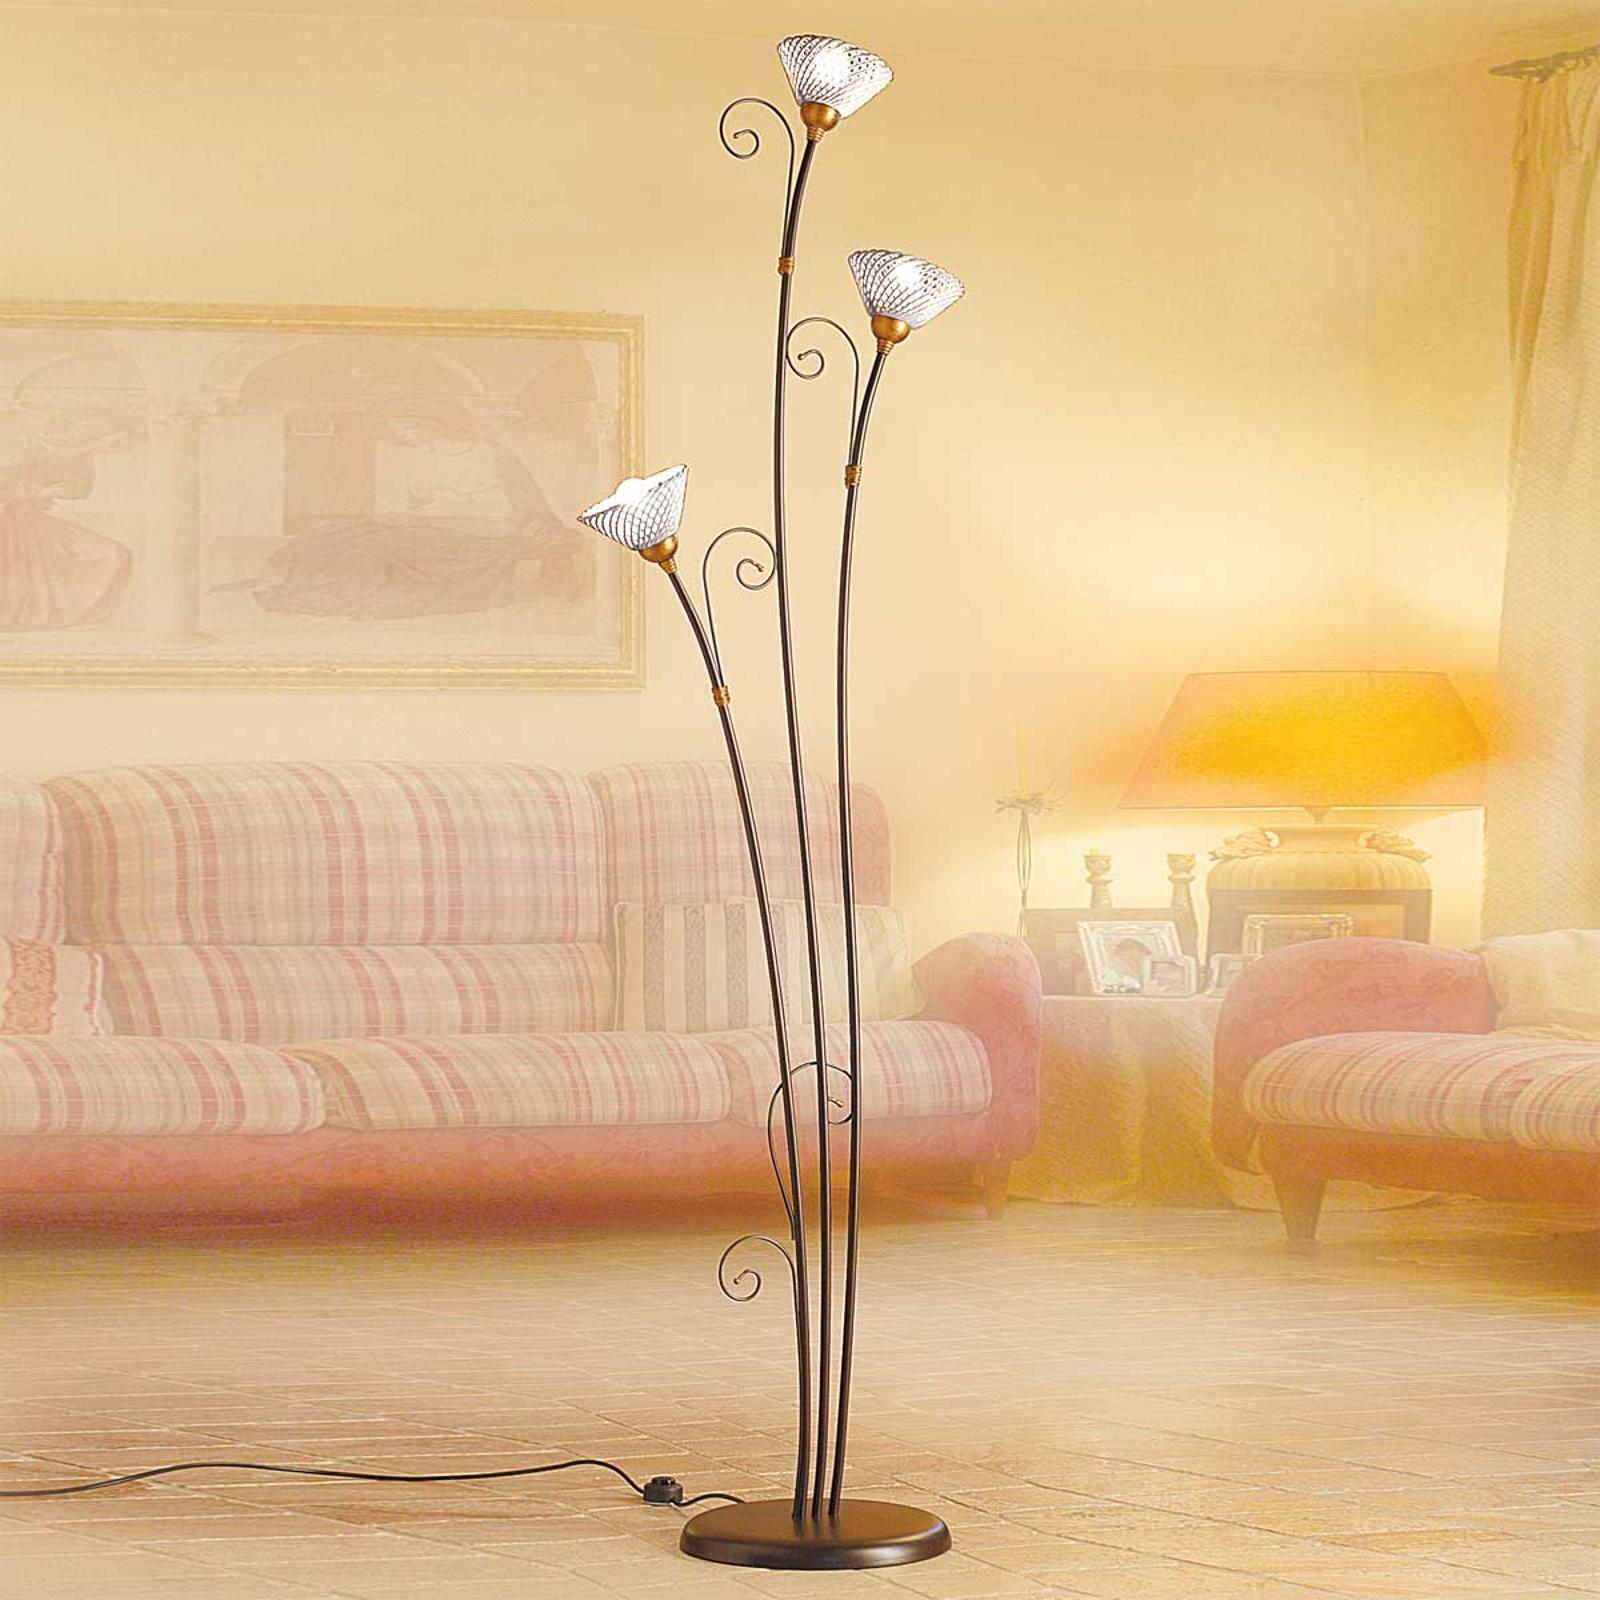 Ædel standerlampe RETINA, med 3 lyskilder